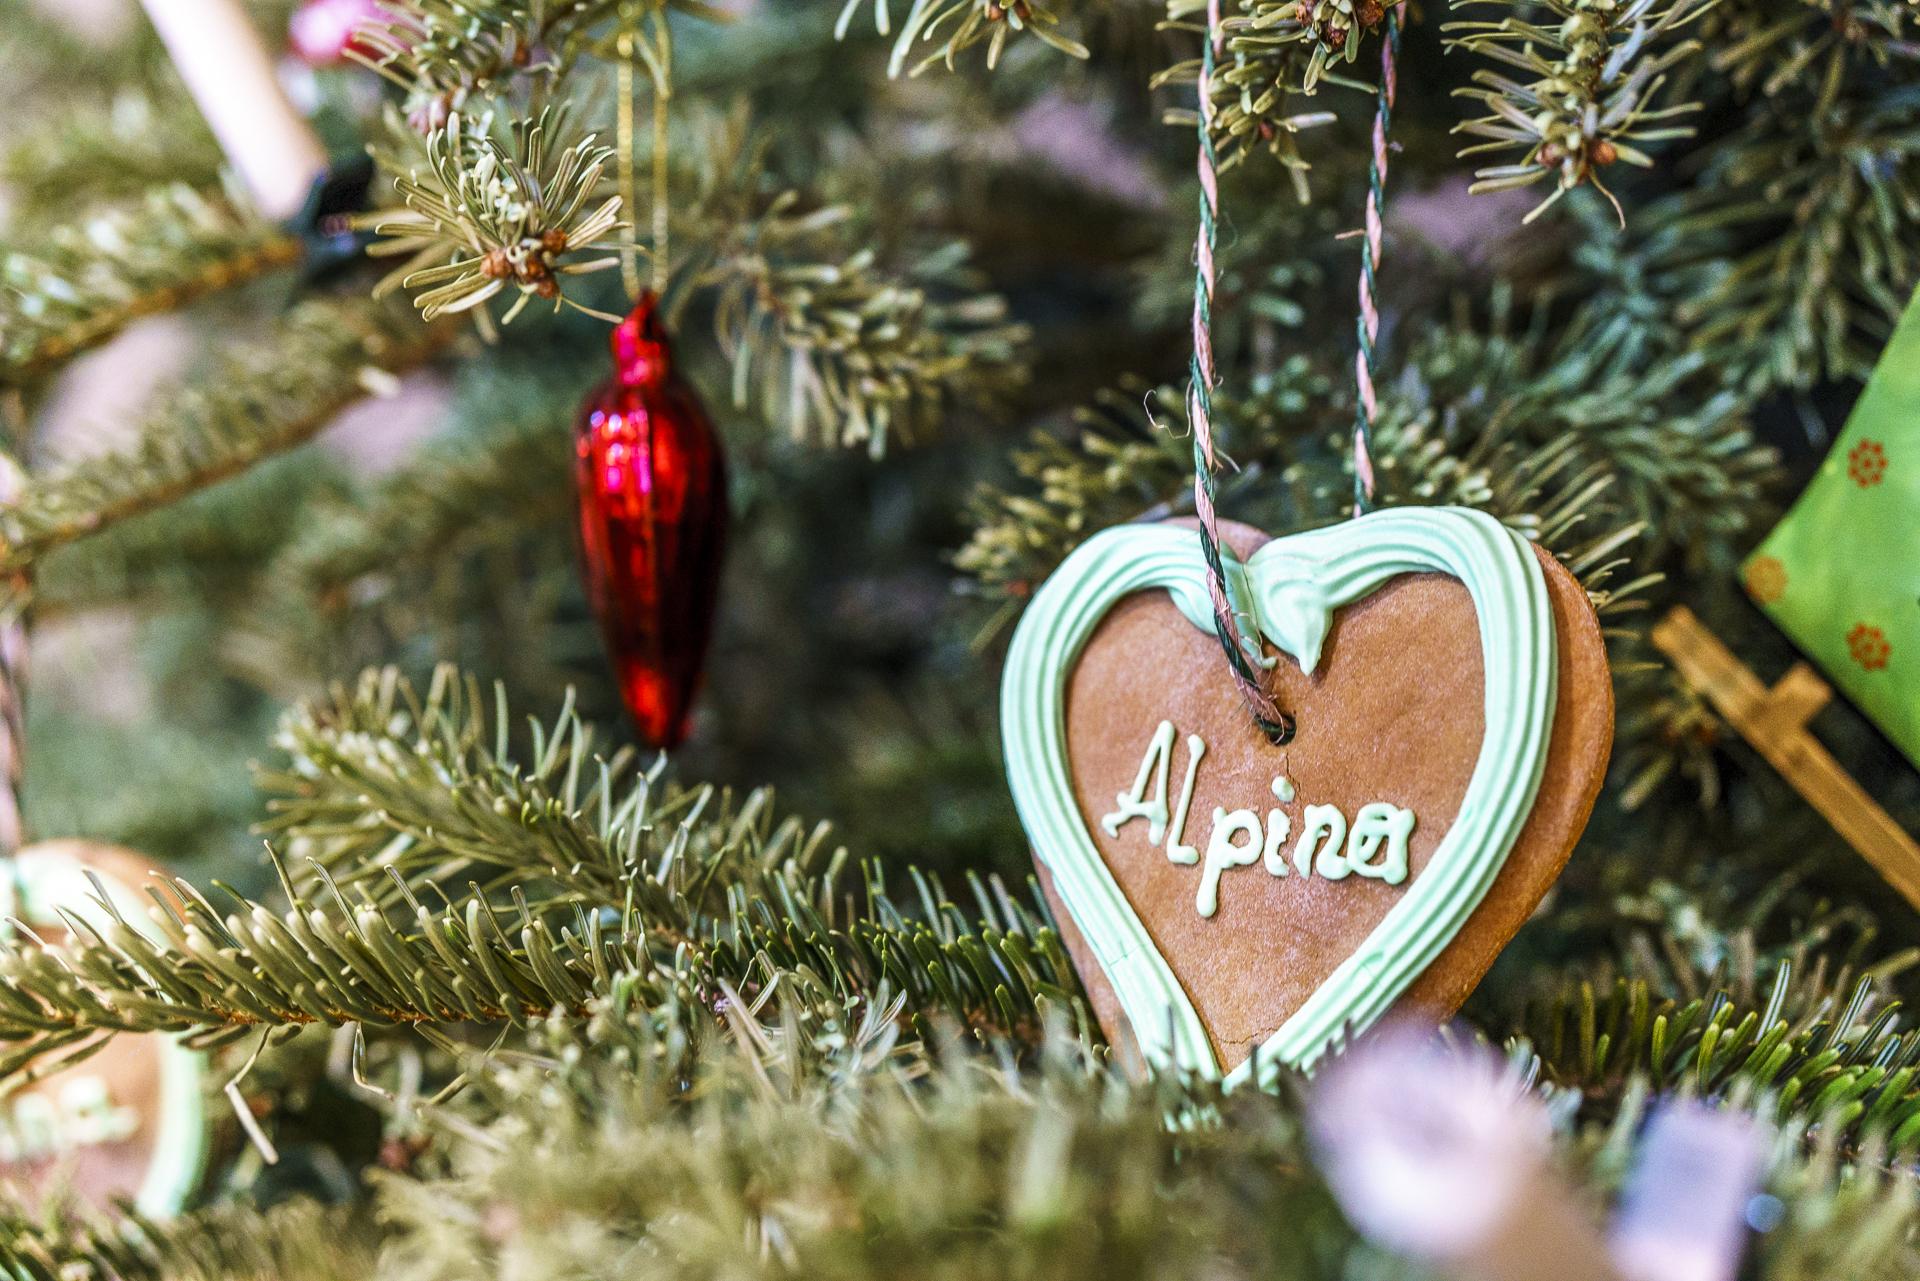 The-Alpina-Tschiertschen-Weihnachten